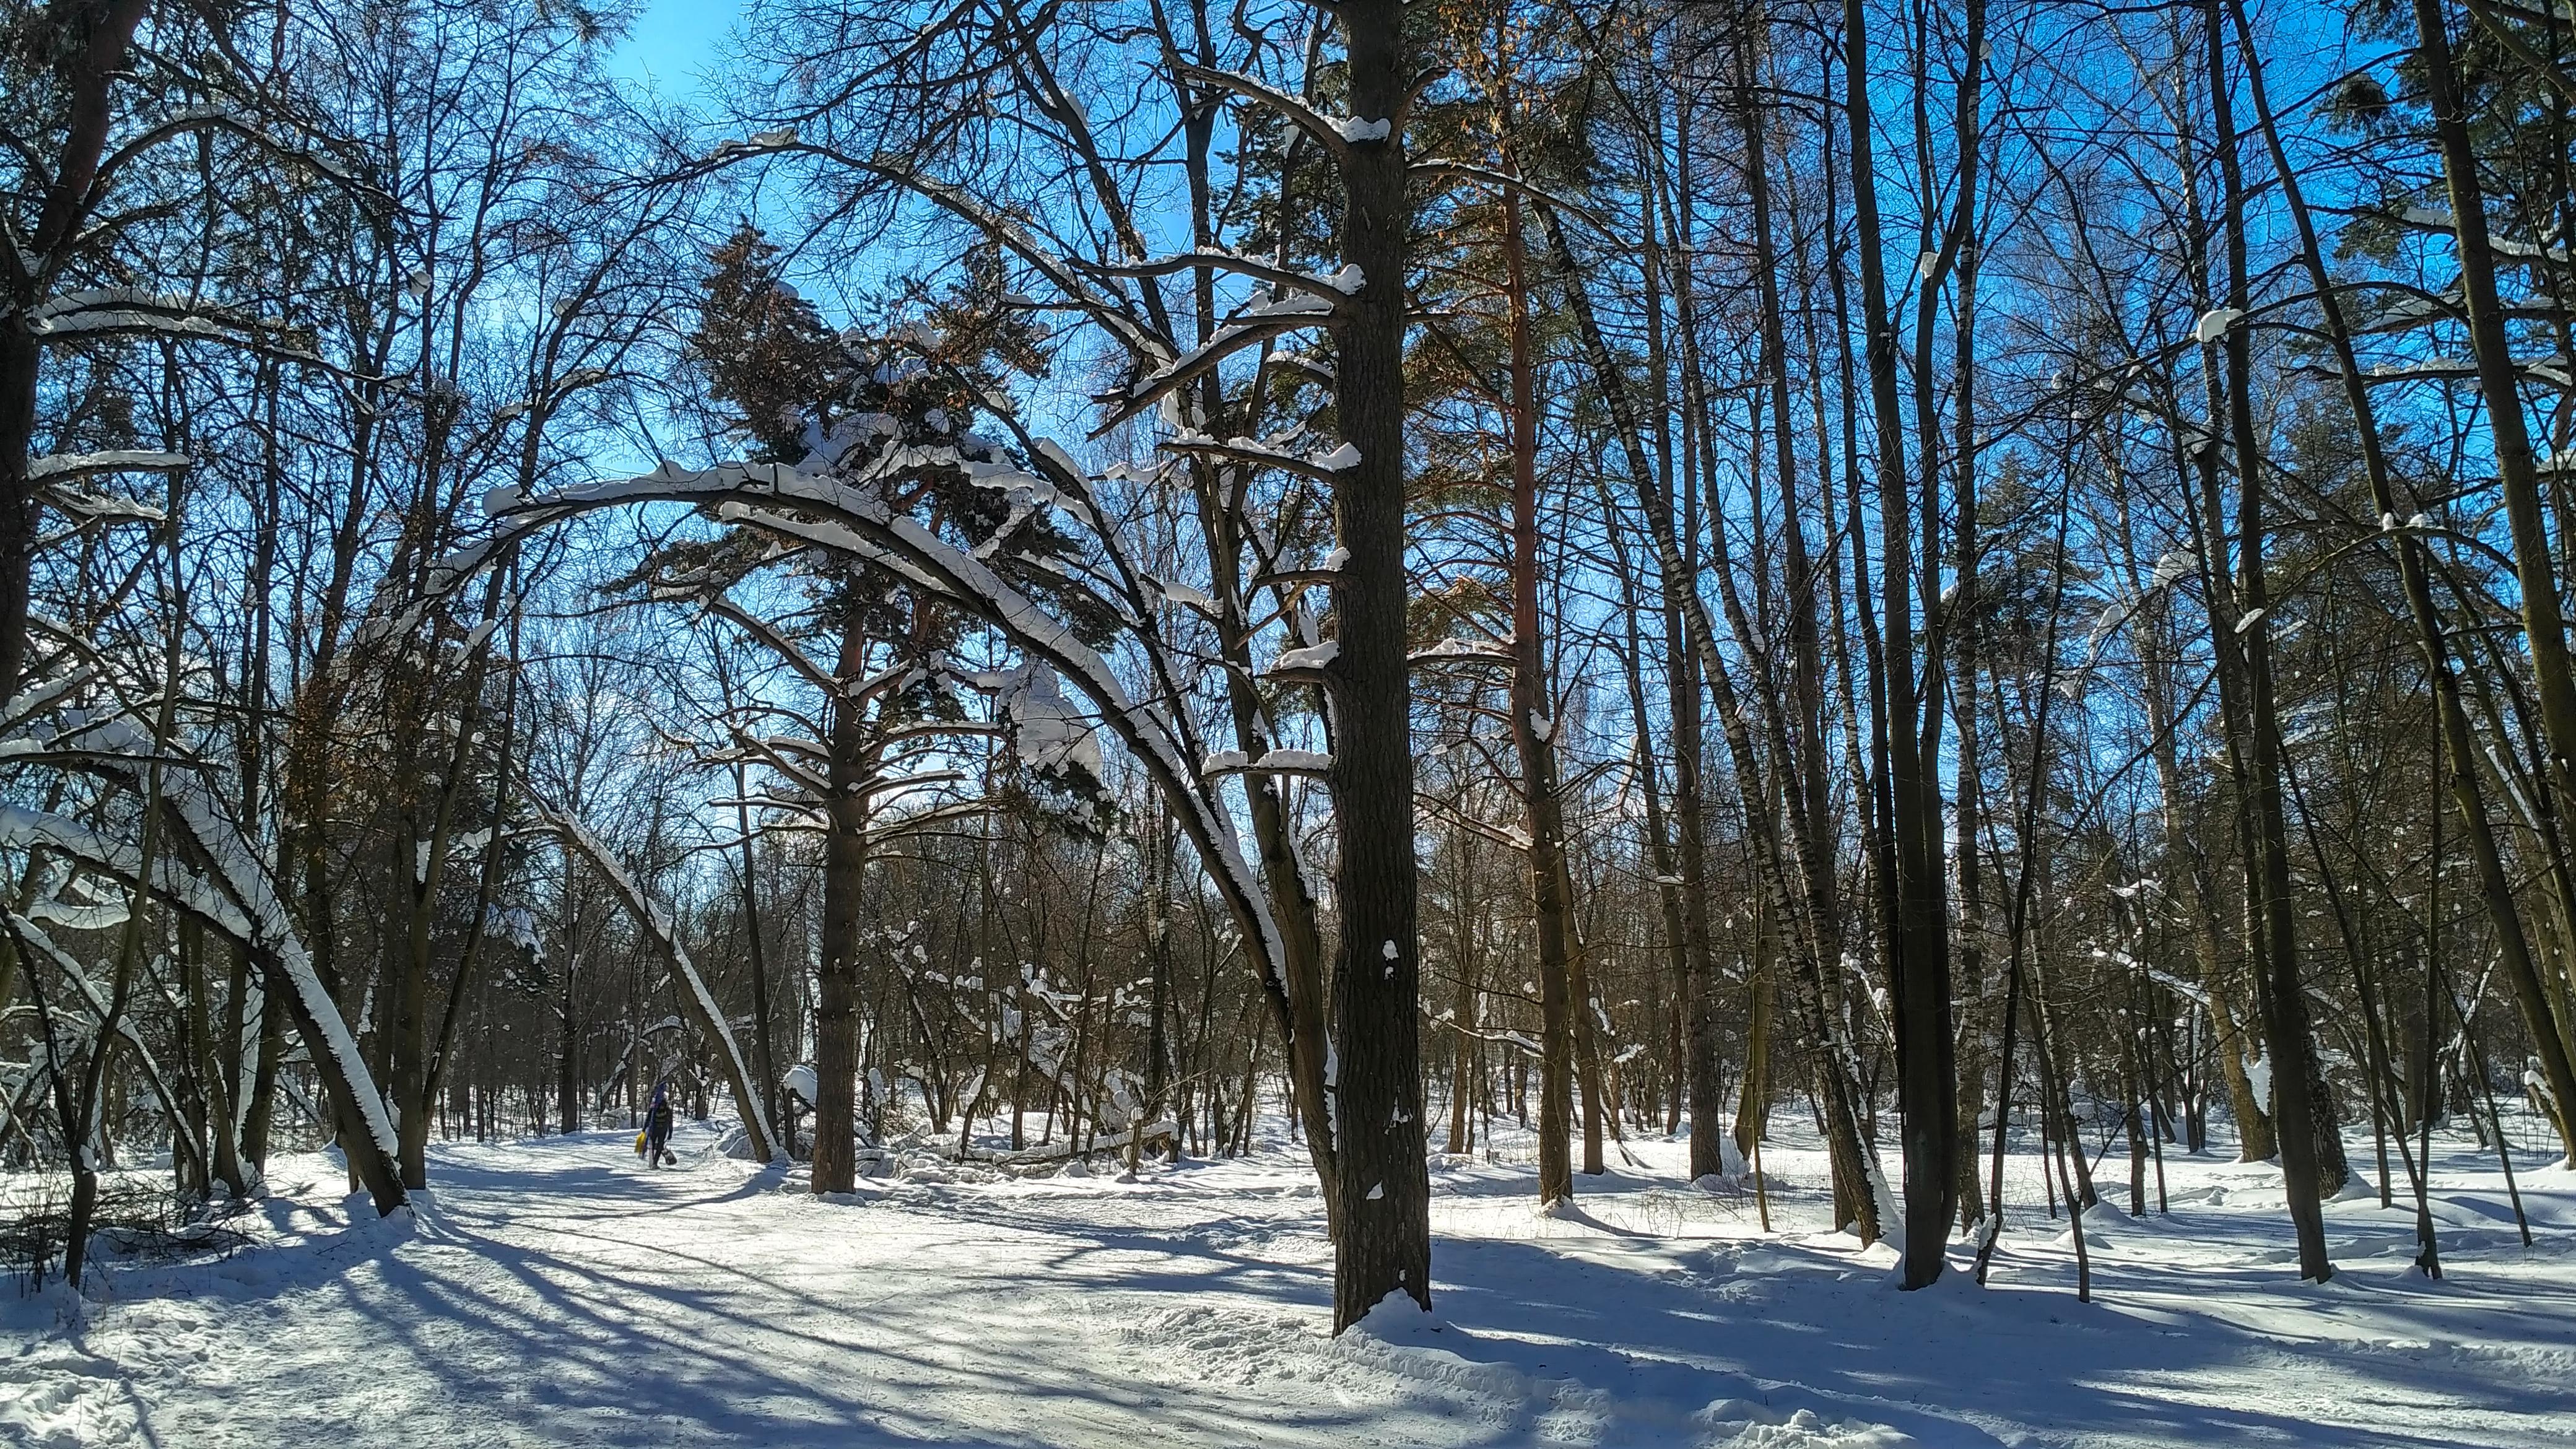 Лыжная трасса Волкуша 8 марта 2018 года